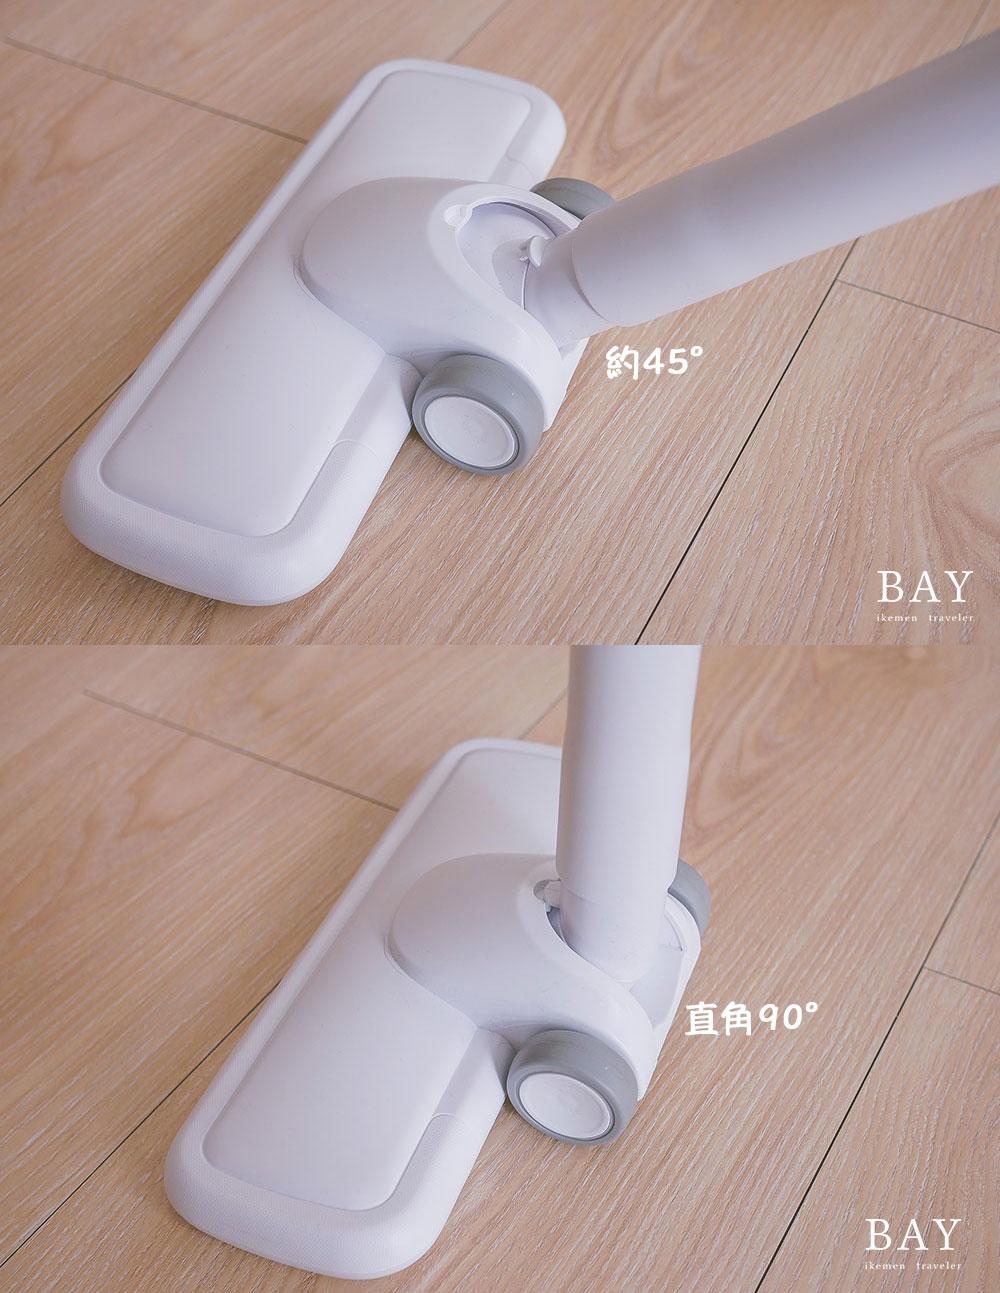 開箱-HYD-無線-吸塵器-D-82-平價-租屋-套房-小資族-簡約-無印風-白色